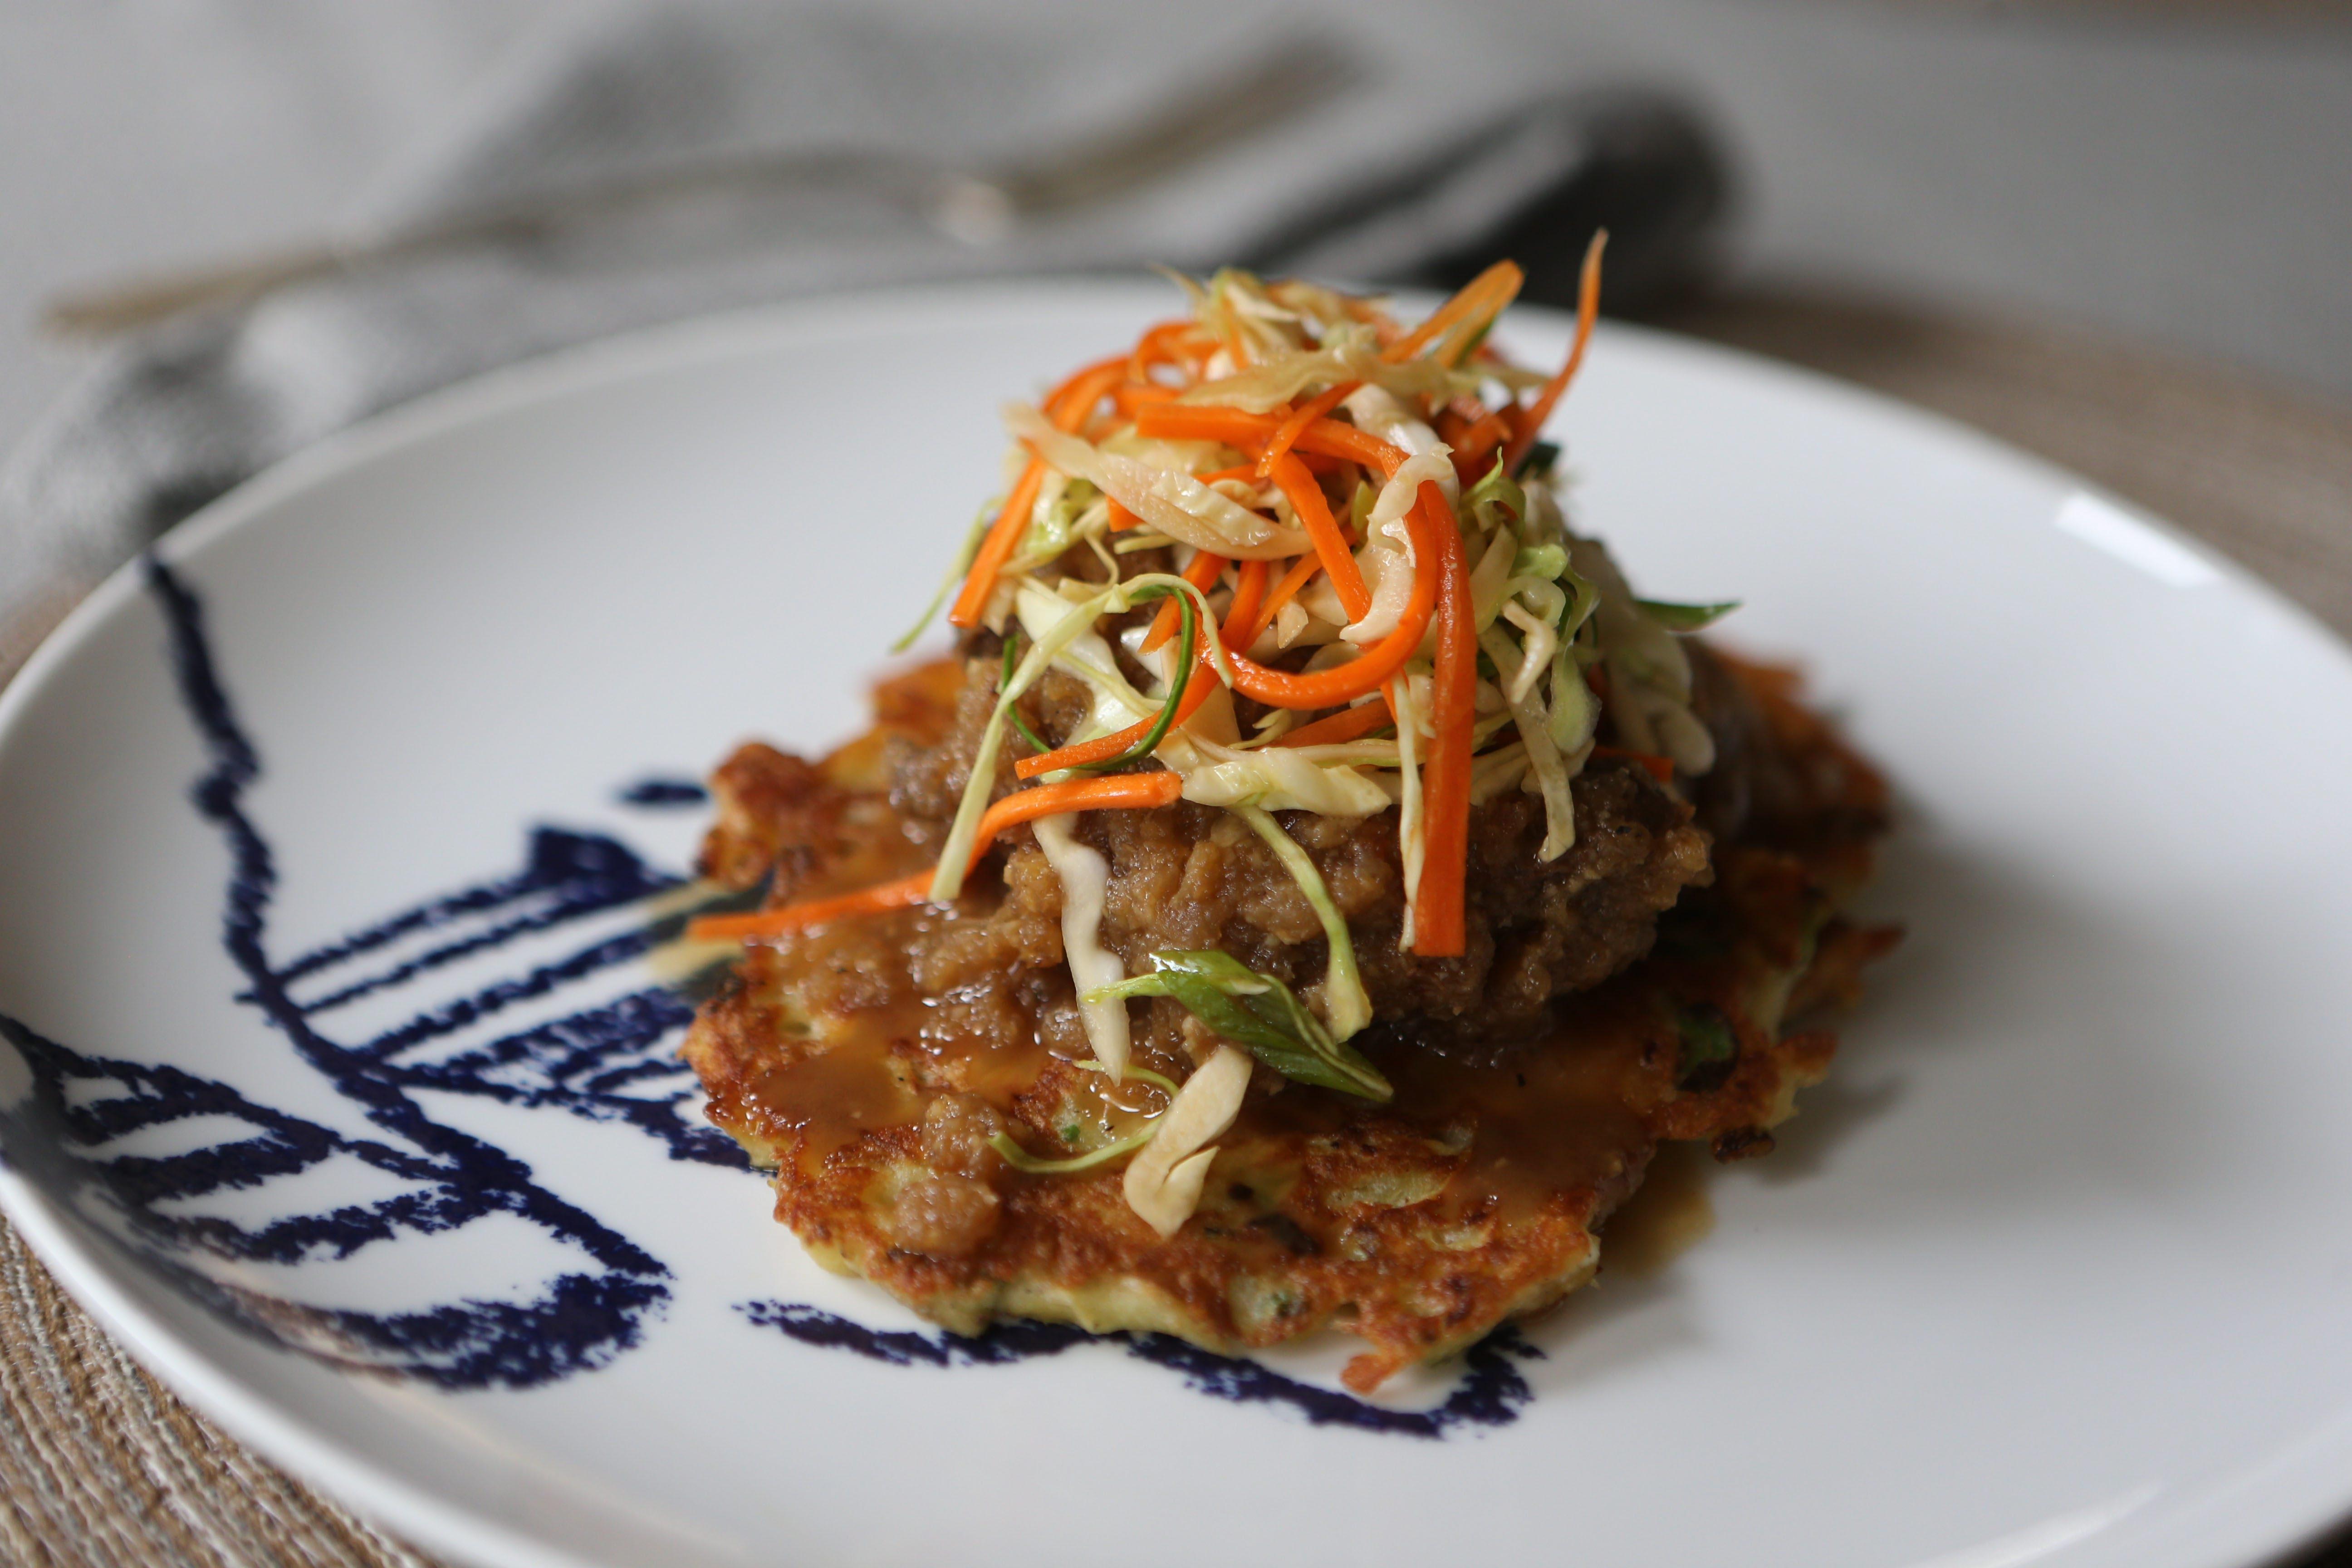 Apple-ginger braised short ribs on potato pancakes is a Polish-Korean hybrid.